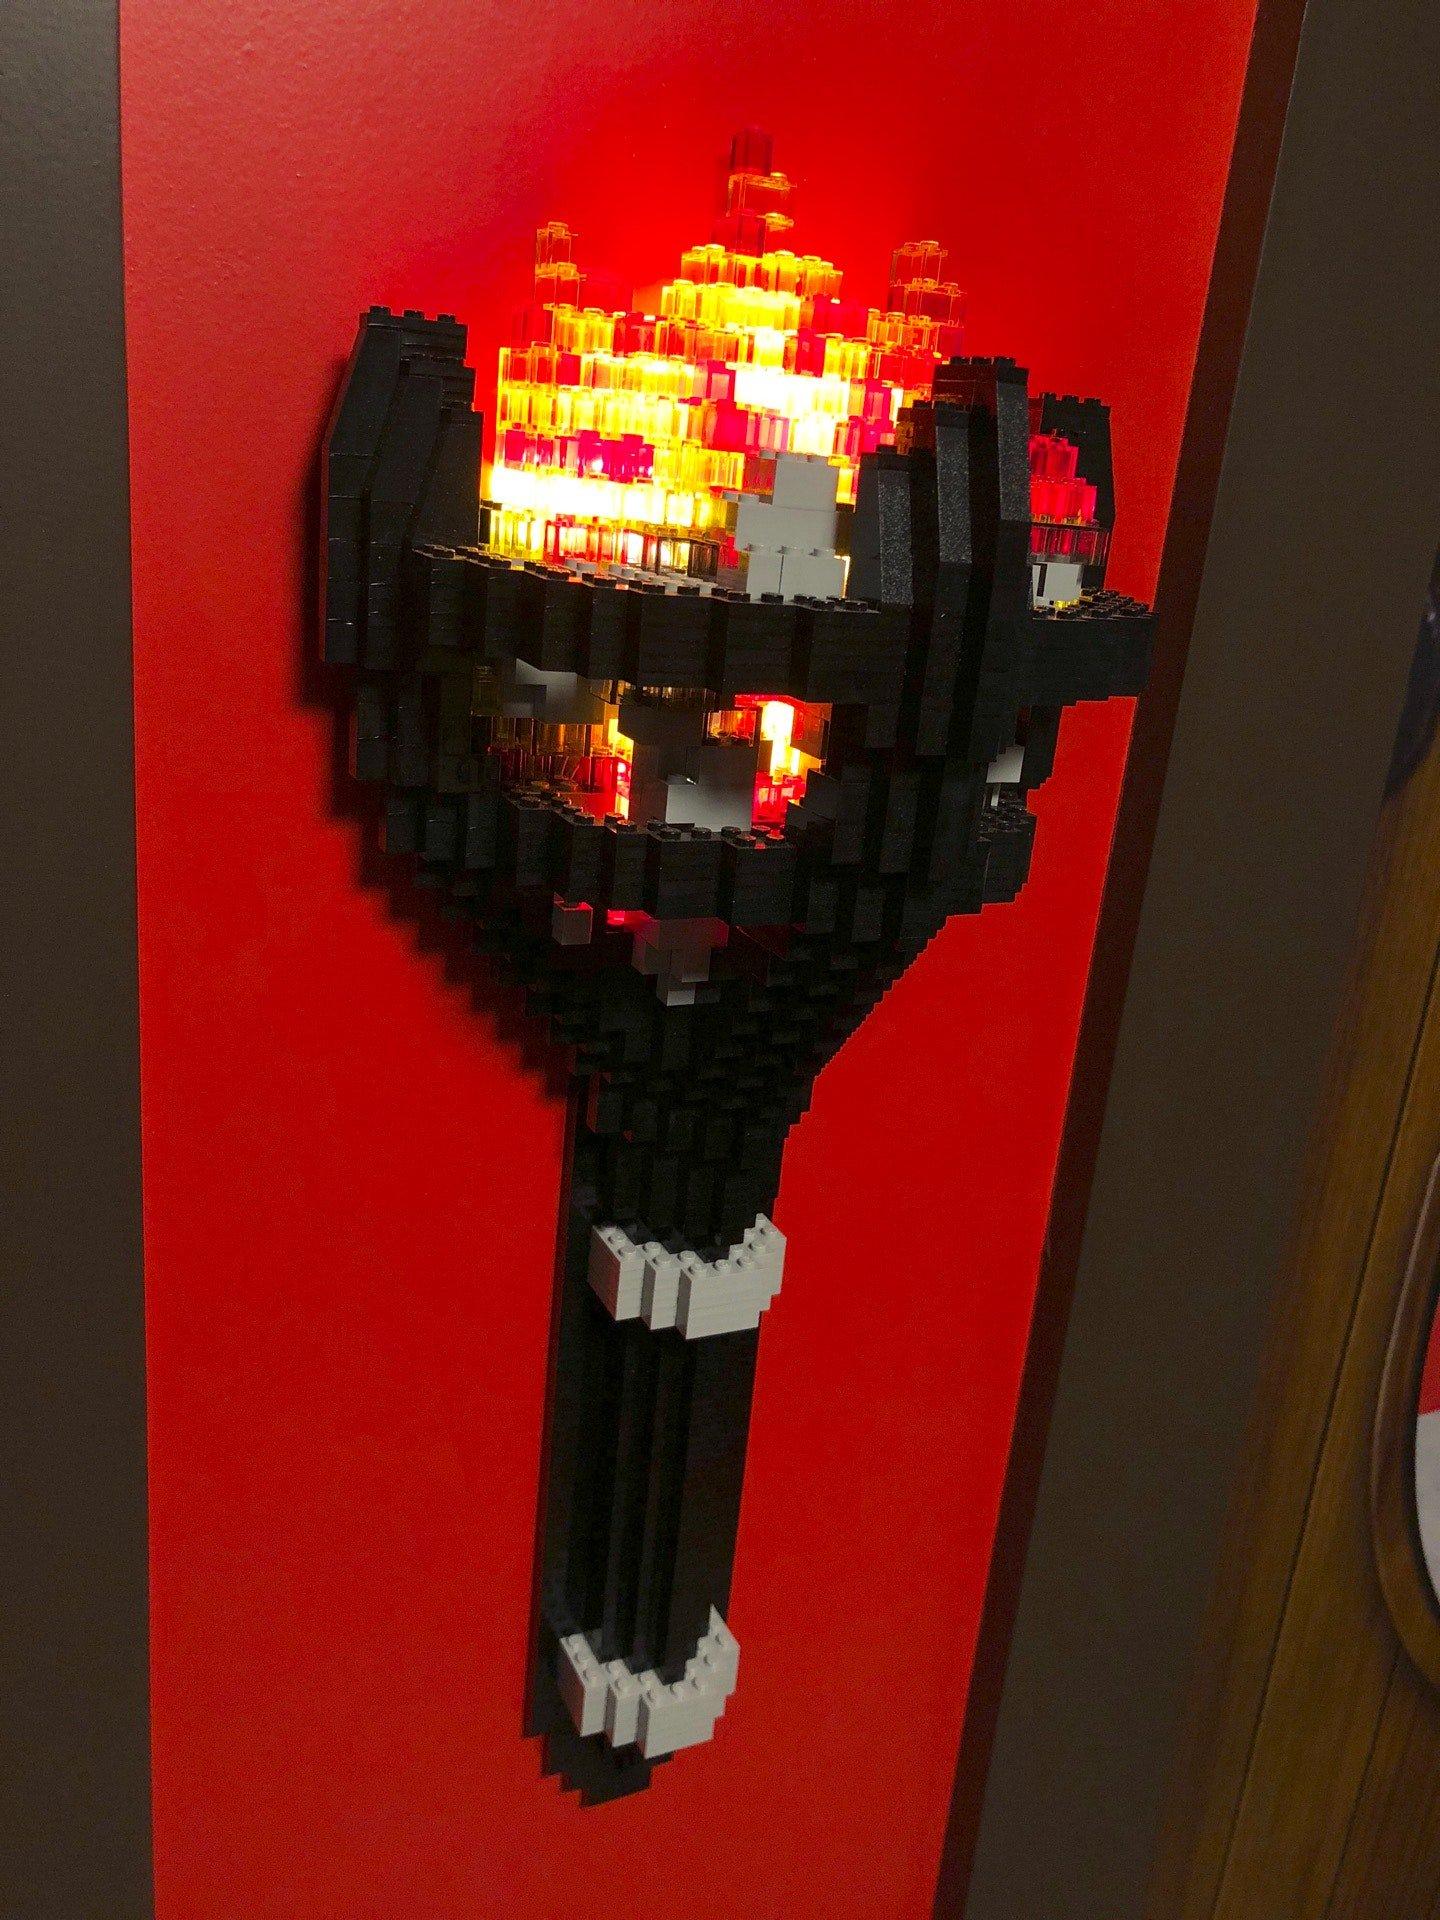 レゴブロックでできた松明。 (@ レゴランド・ジャパン・ホテル in 名古屋市港区, 愛知県) https://t.co/IpYrnm5Tbm https://t.co/9ZqFC2L12Z